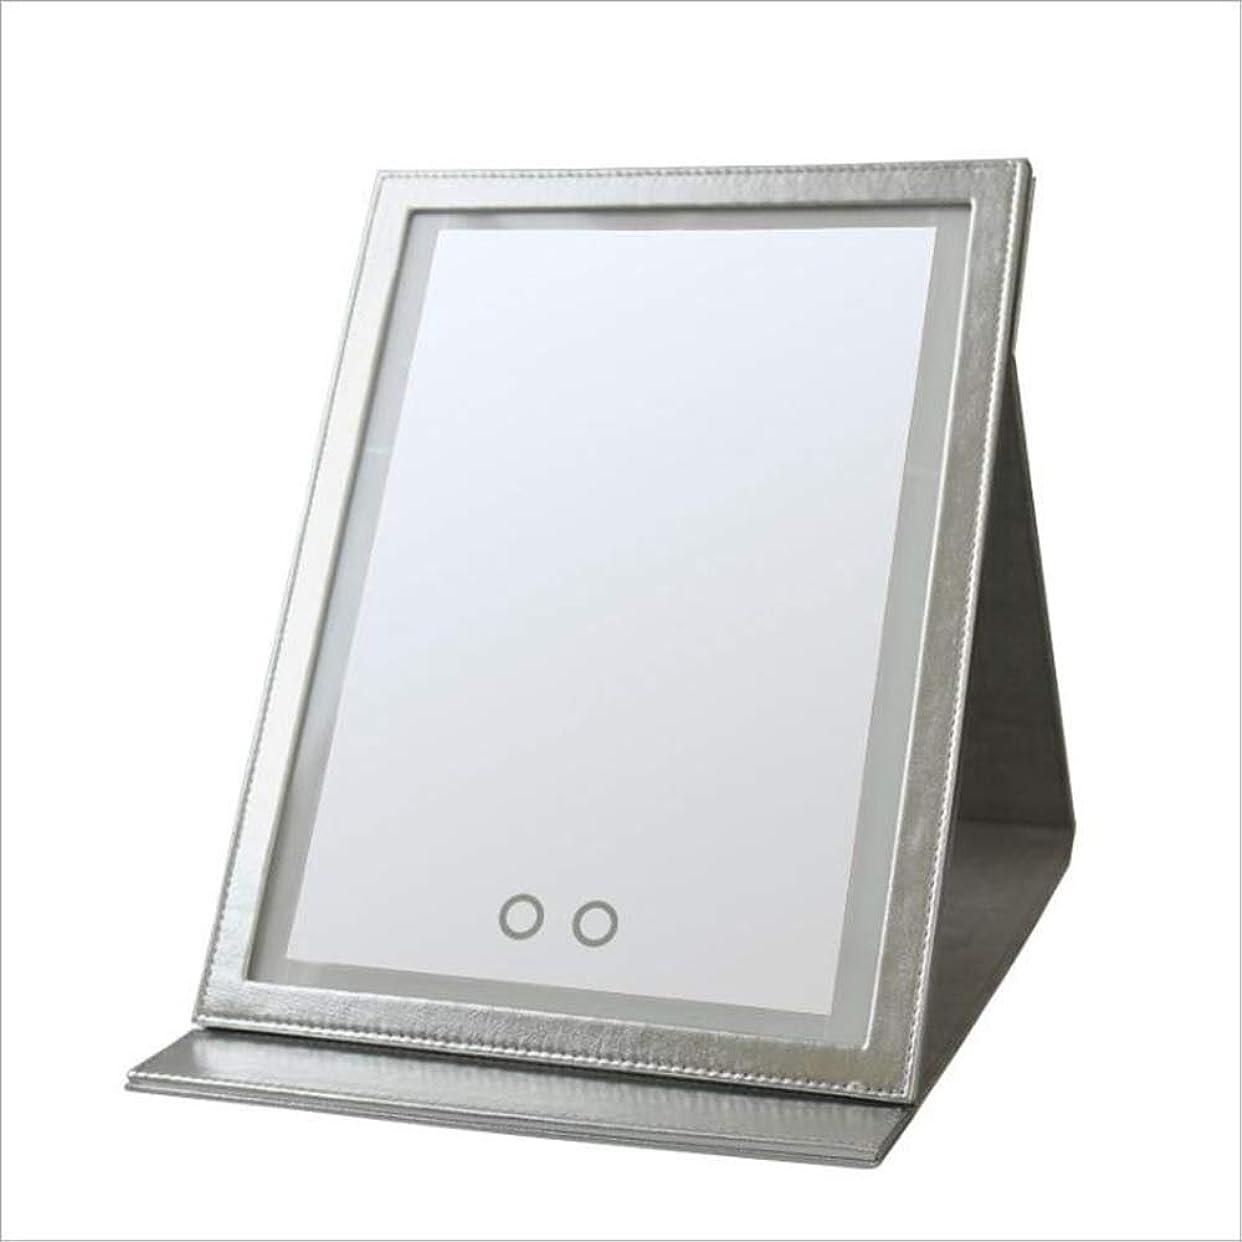 スーツケース教える黙認するLedタッチpuミラーフィルライト美容メイクアップスキンケアミラー化粧鏡デスクトップ化粧鏡ポータブル折りたたみミラー